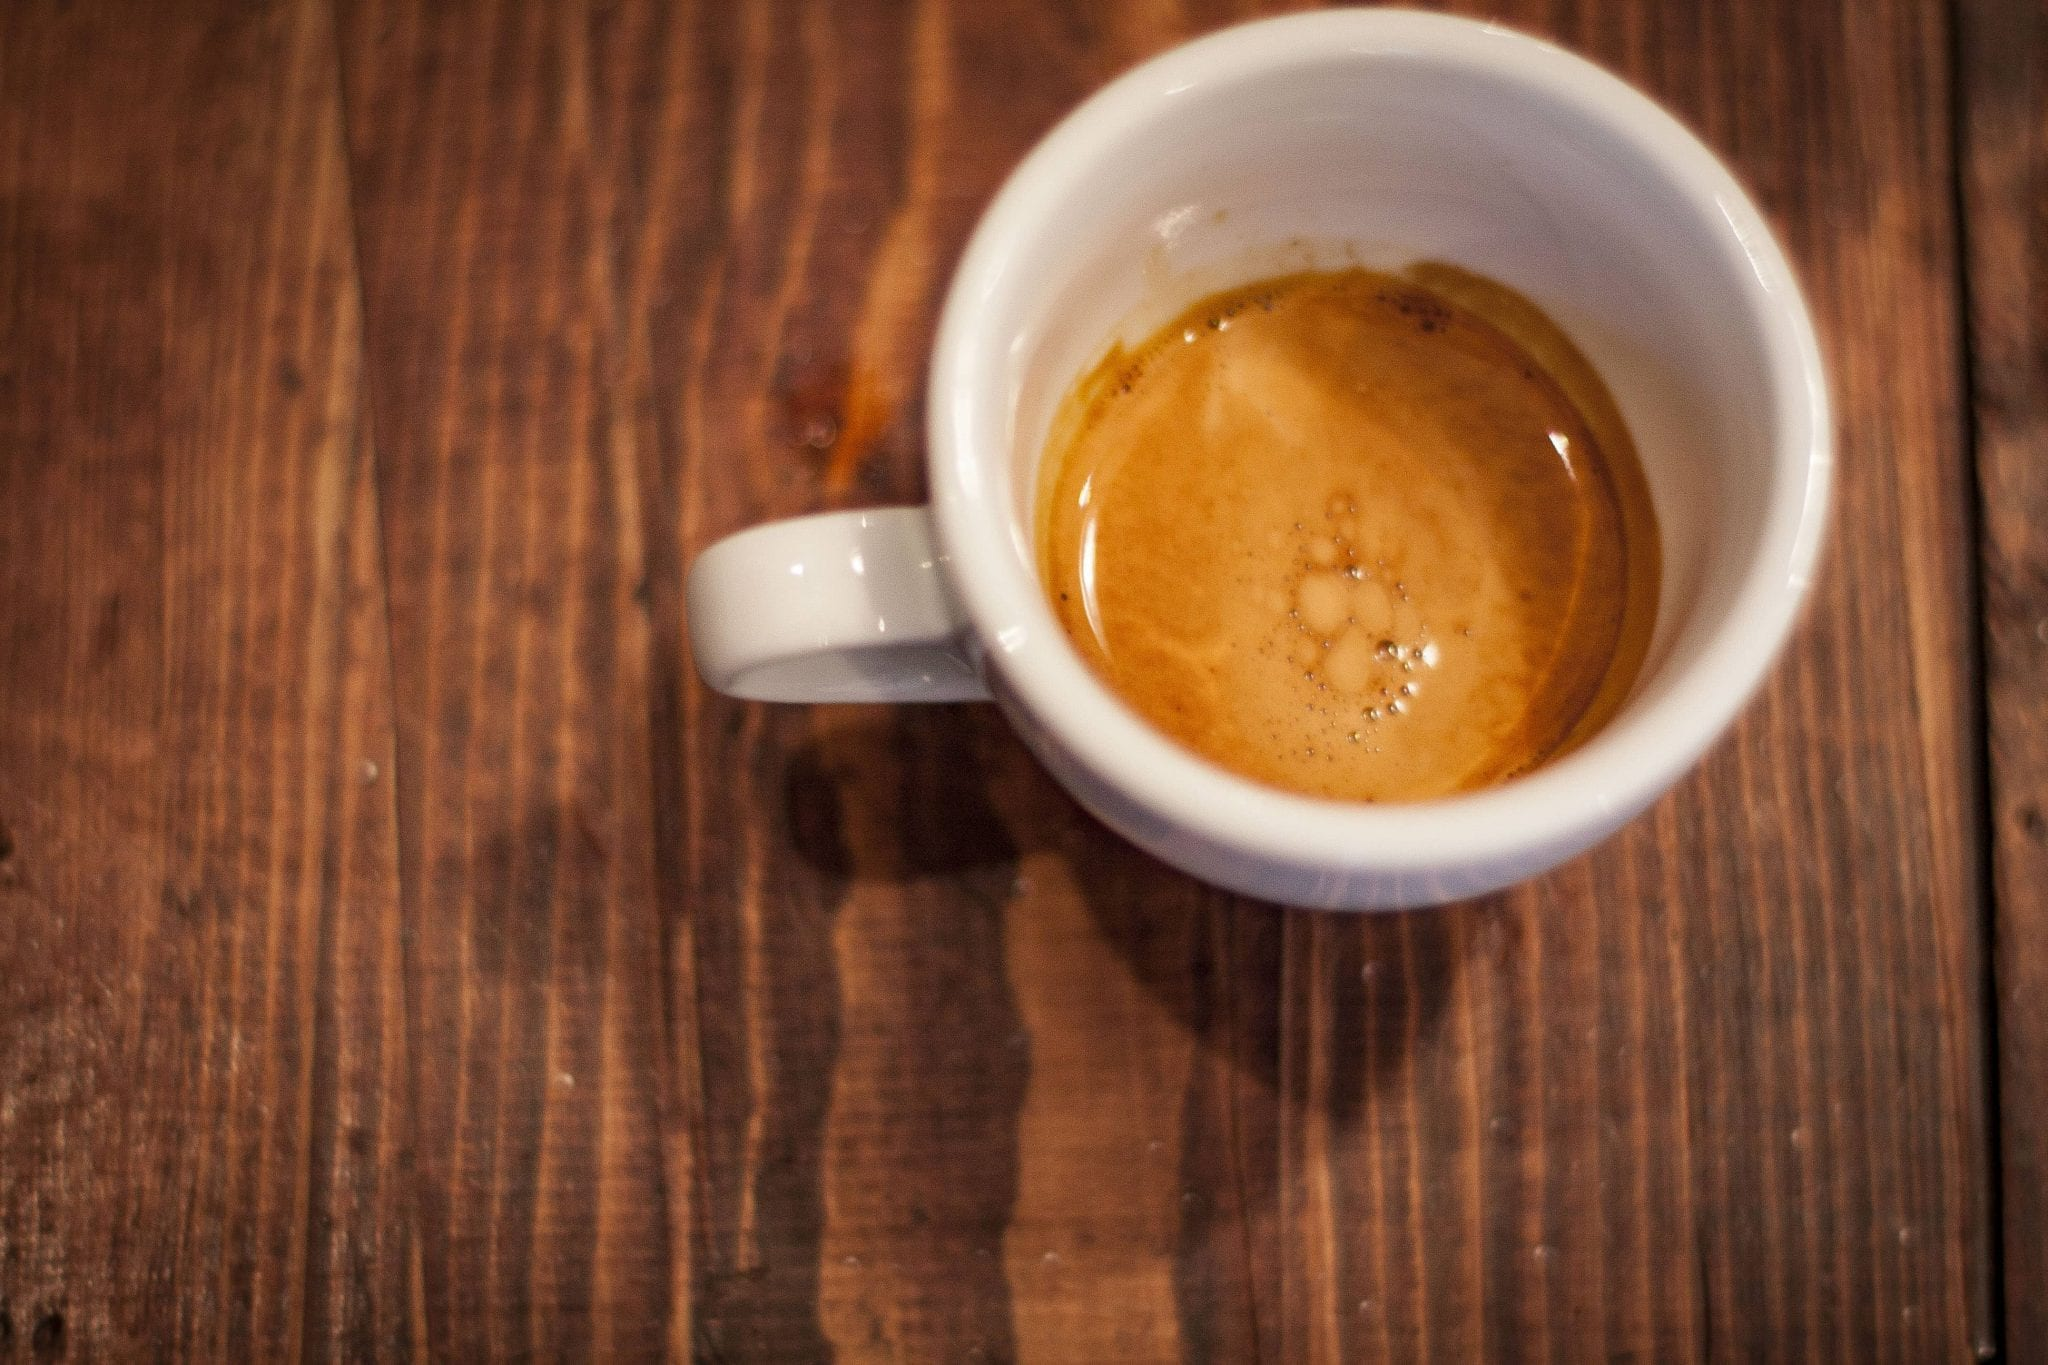 espresso god shot